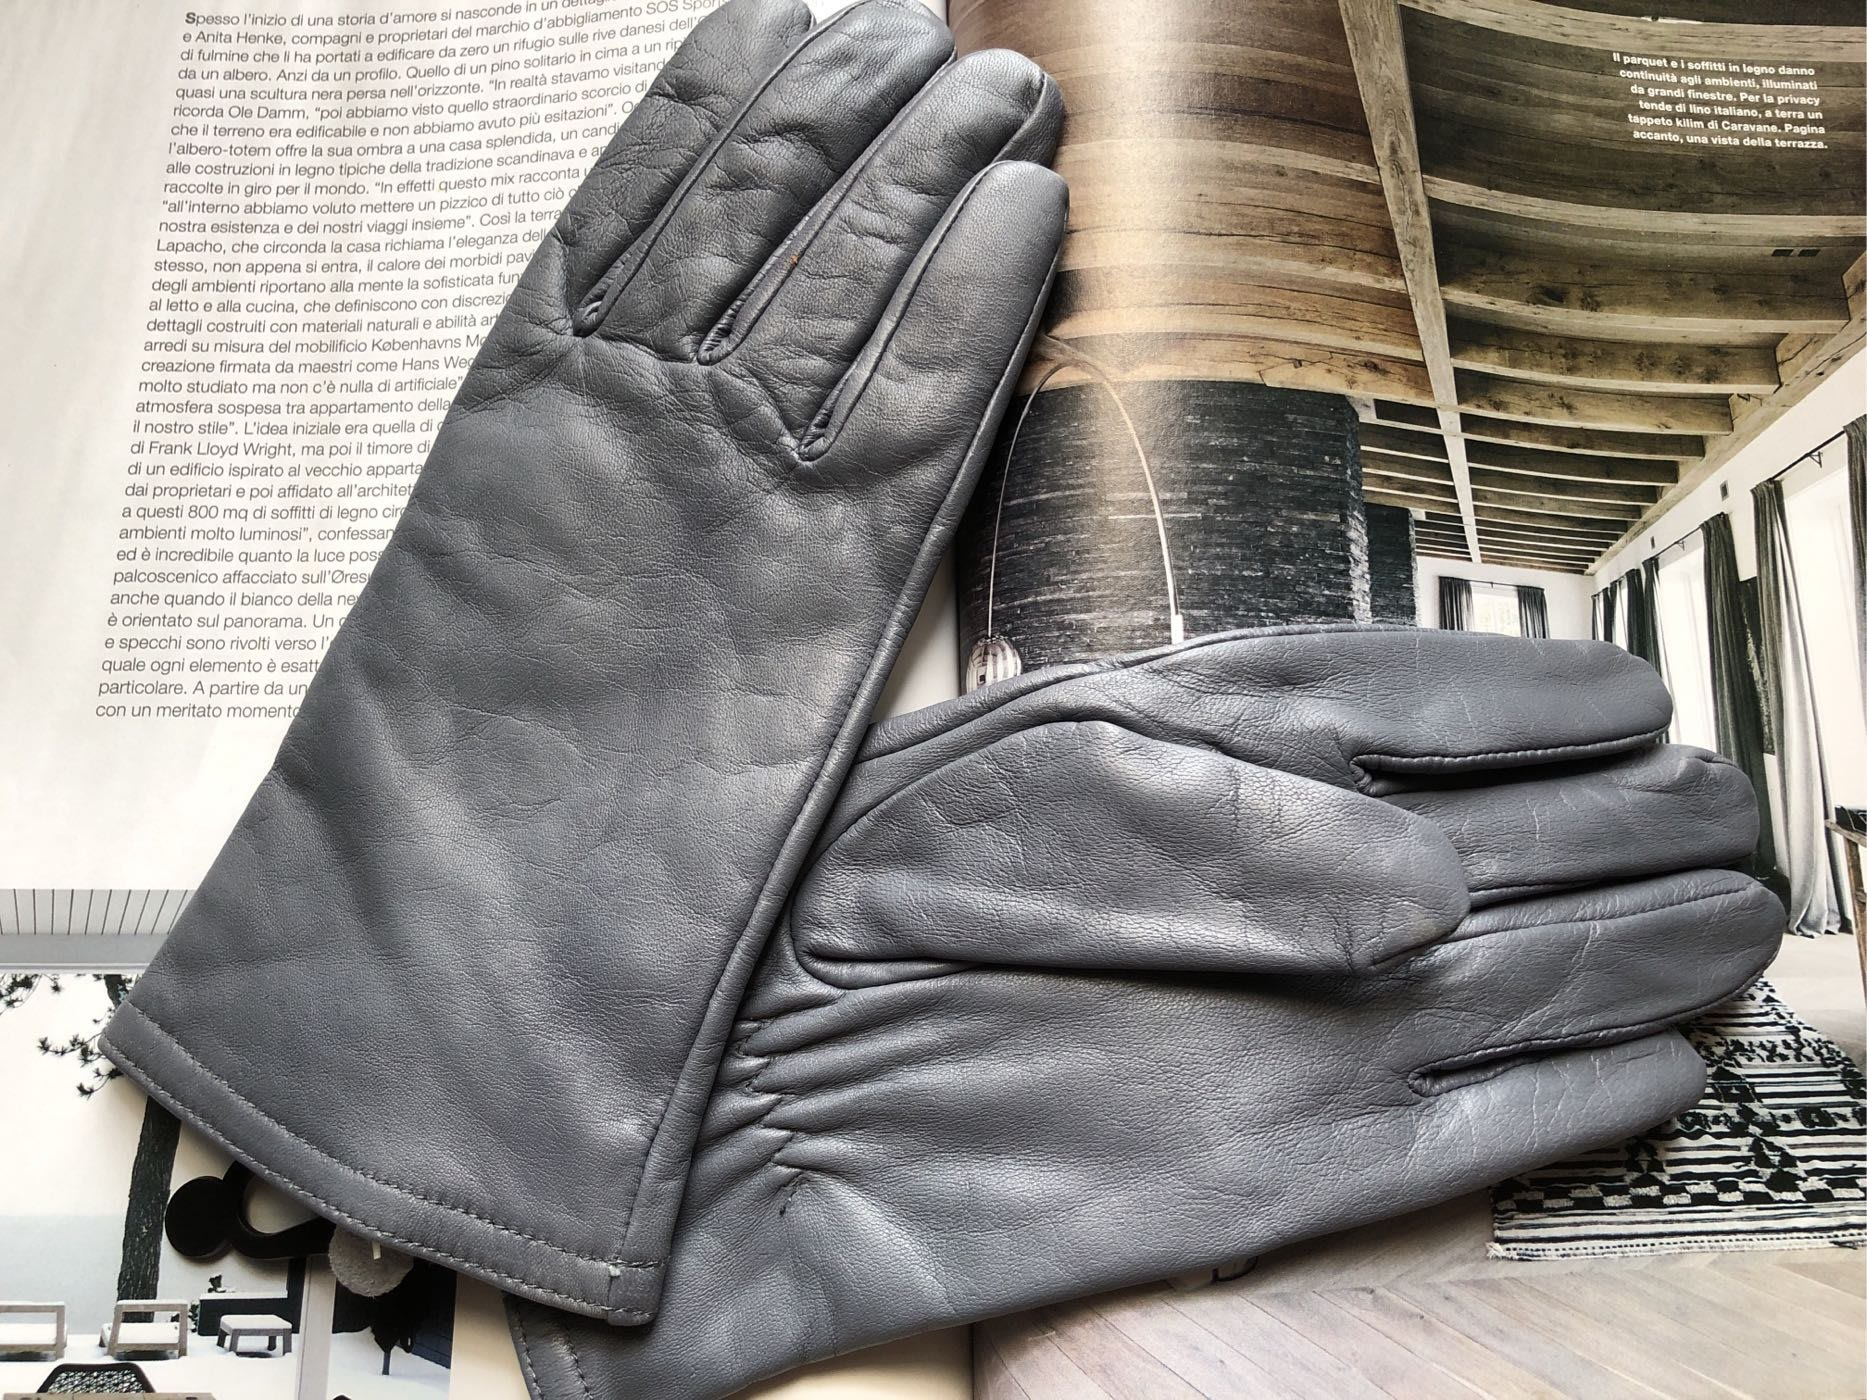 紐約攜回thinsulate 女仕灰色皮製手套